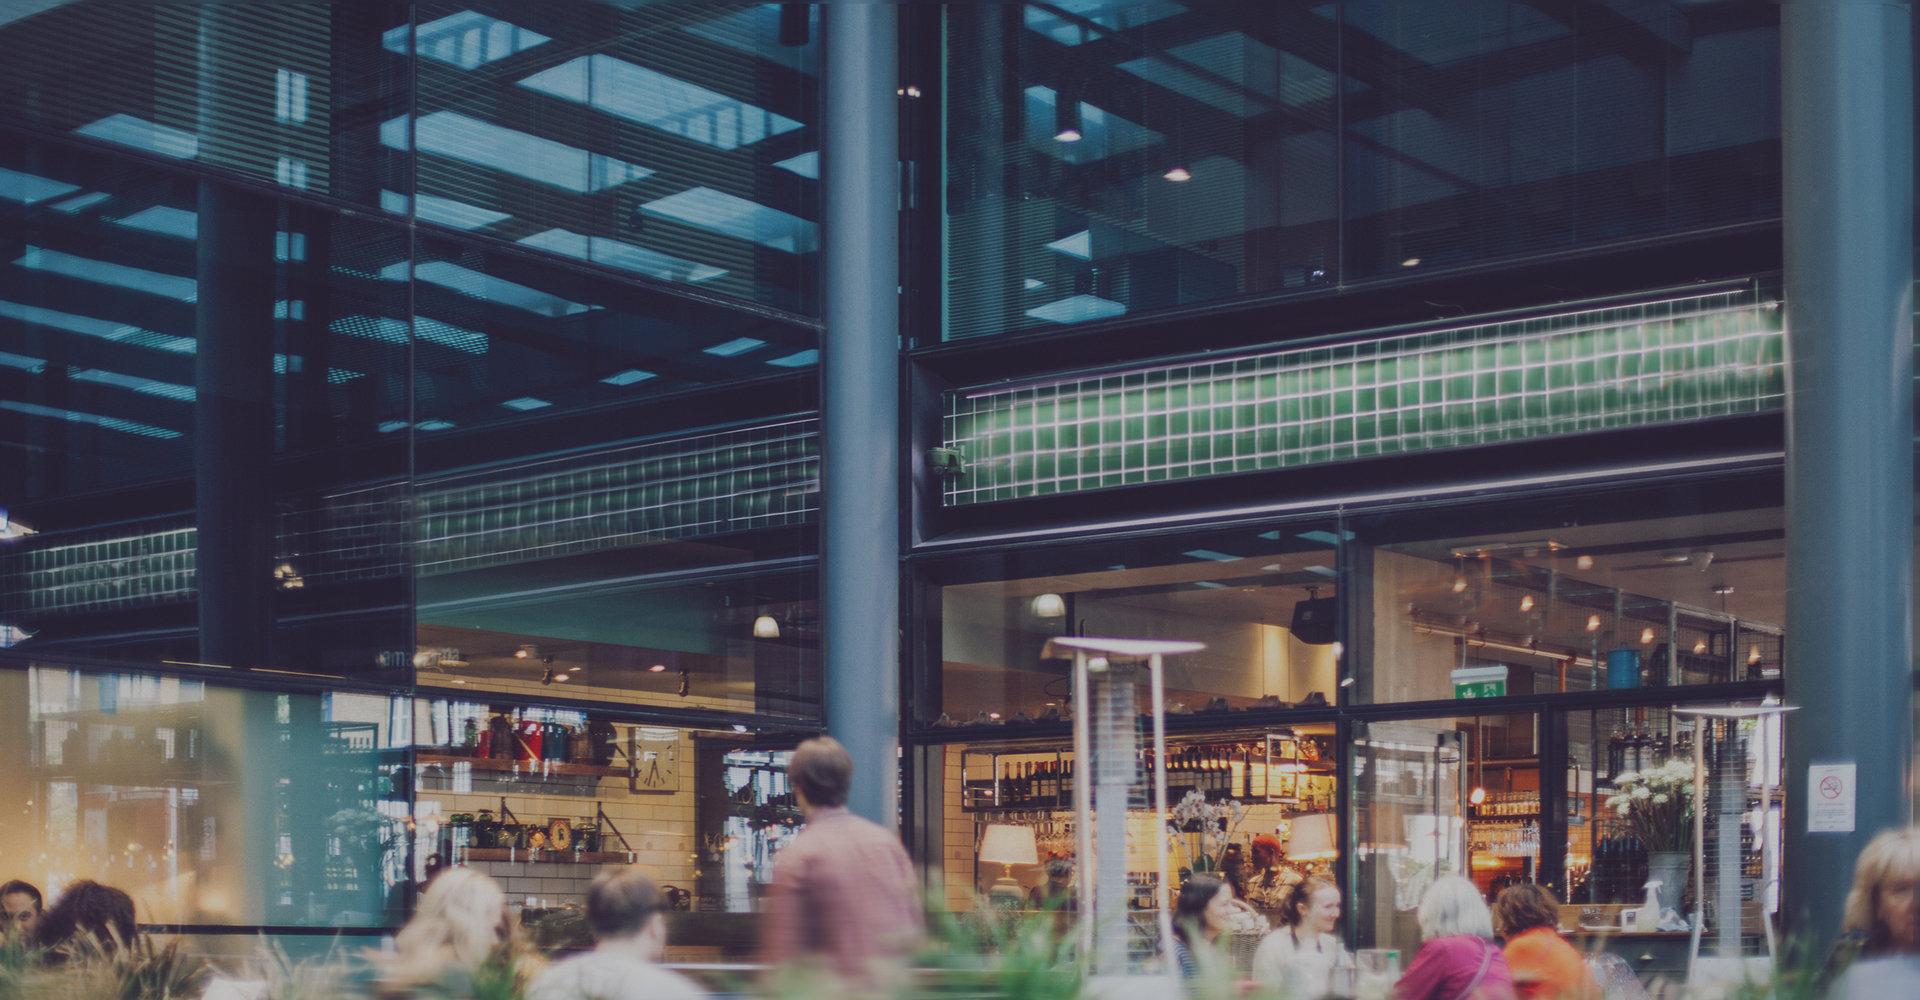 """Czego oczekują konsumenci według raportu """"Shoppers' Perspective 2017""""?"""